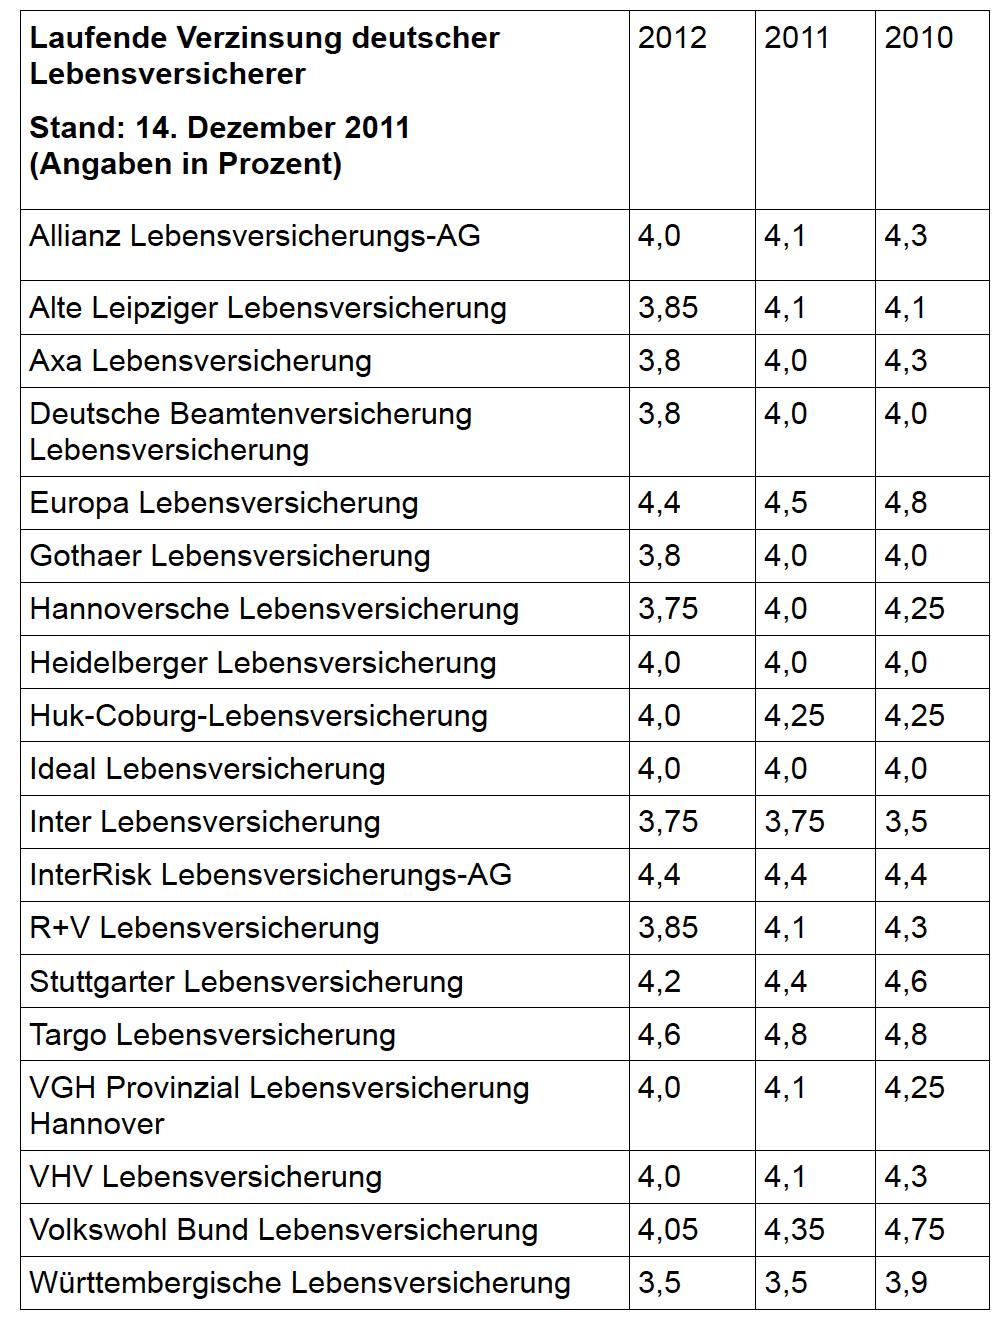 Laufende-Verzsinsung-2012 in Laufende Verzinsung 2012: Volkswohl Bund und Stuttgarter bleiben über Marktniveau